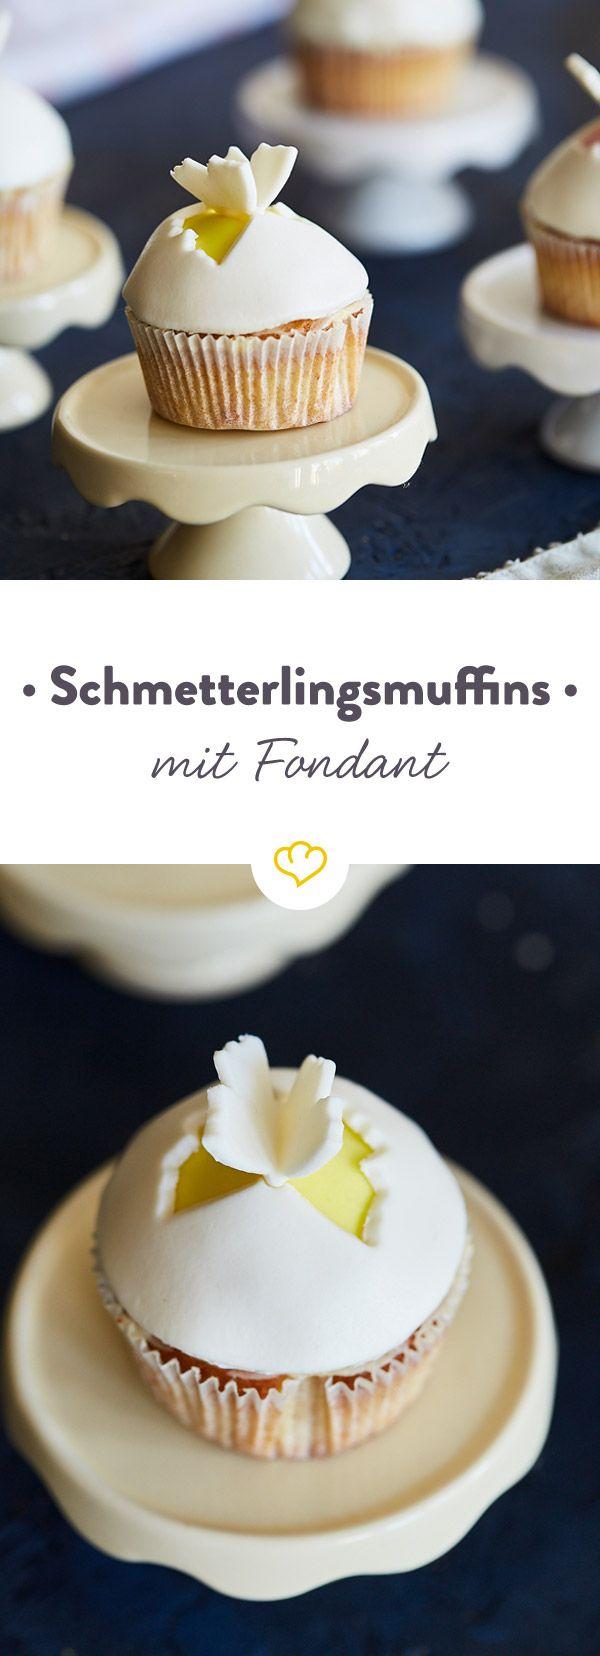 Zuckersüße Muffins mit kleinen Schmetterlingen: Da freut sich jedes Kind! Dieses Rezept ist auch für Fondant-Neulinge geeignet.